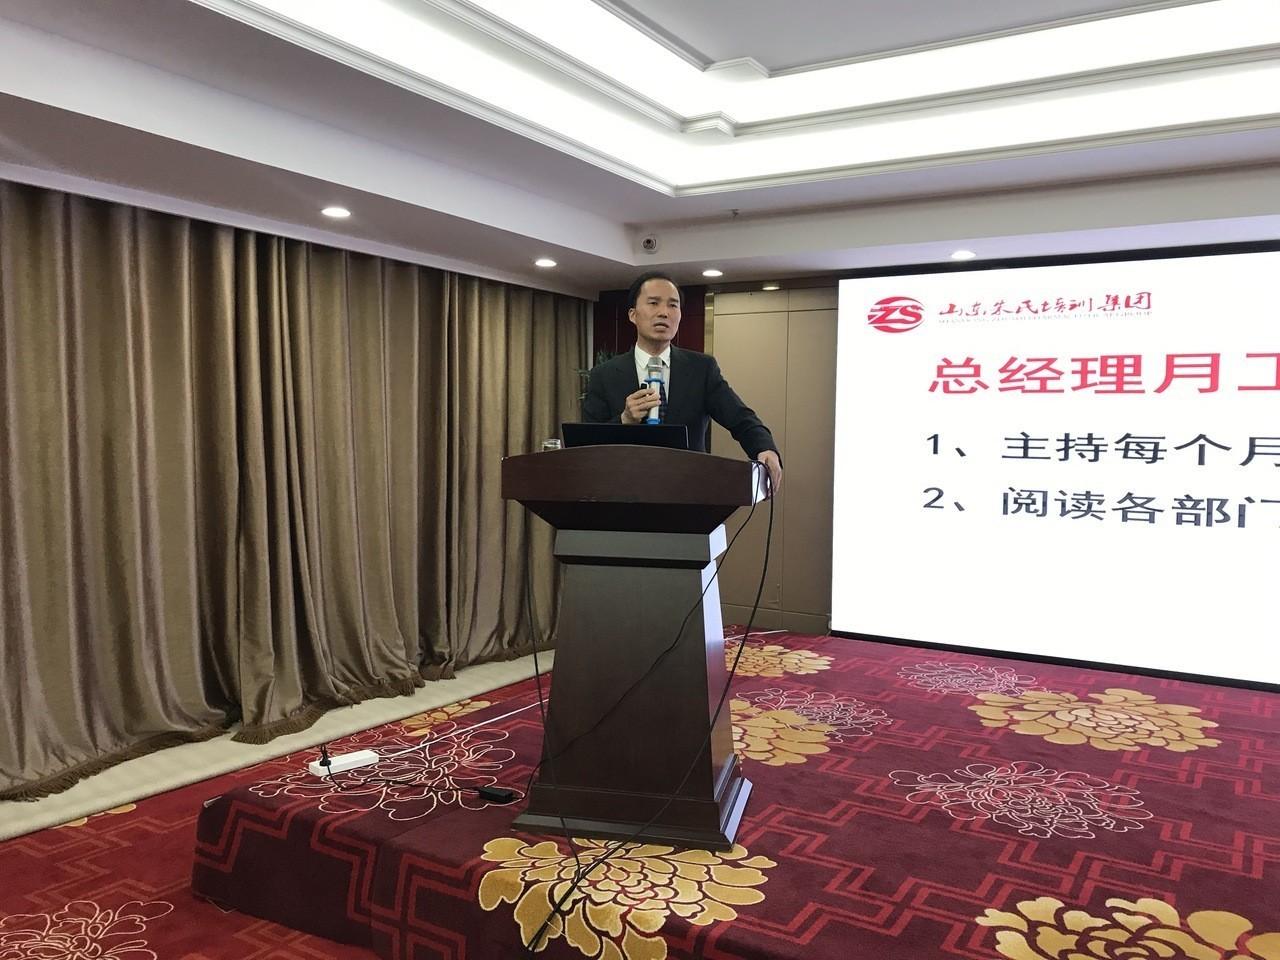 热烈祝贺山东朱氏药业集团高层会议圆满举行!